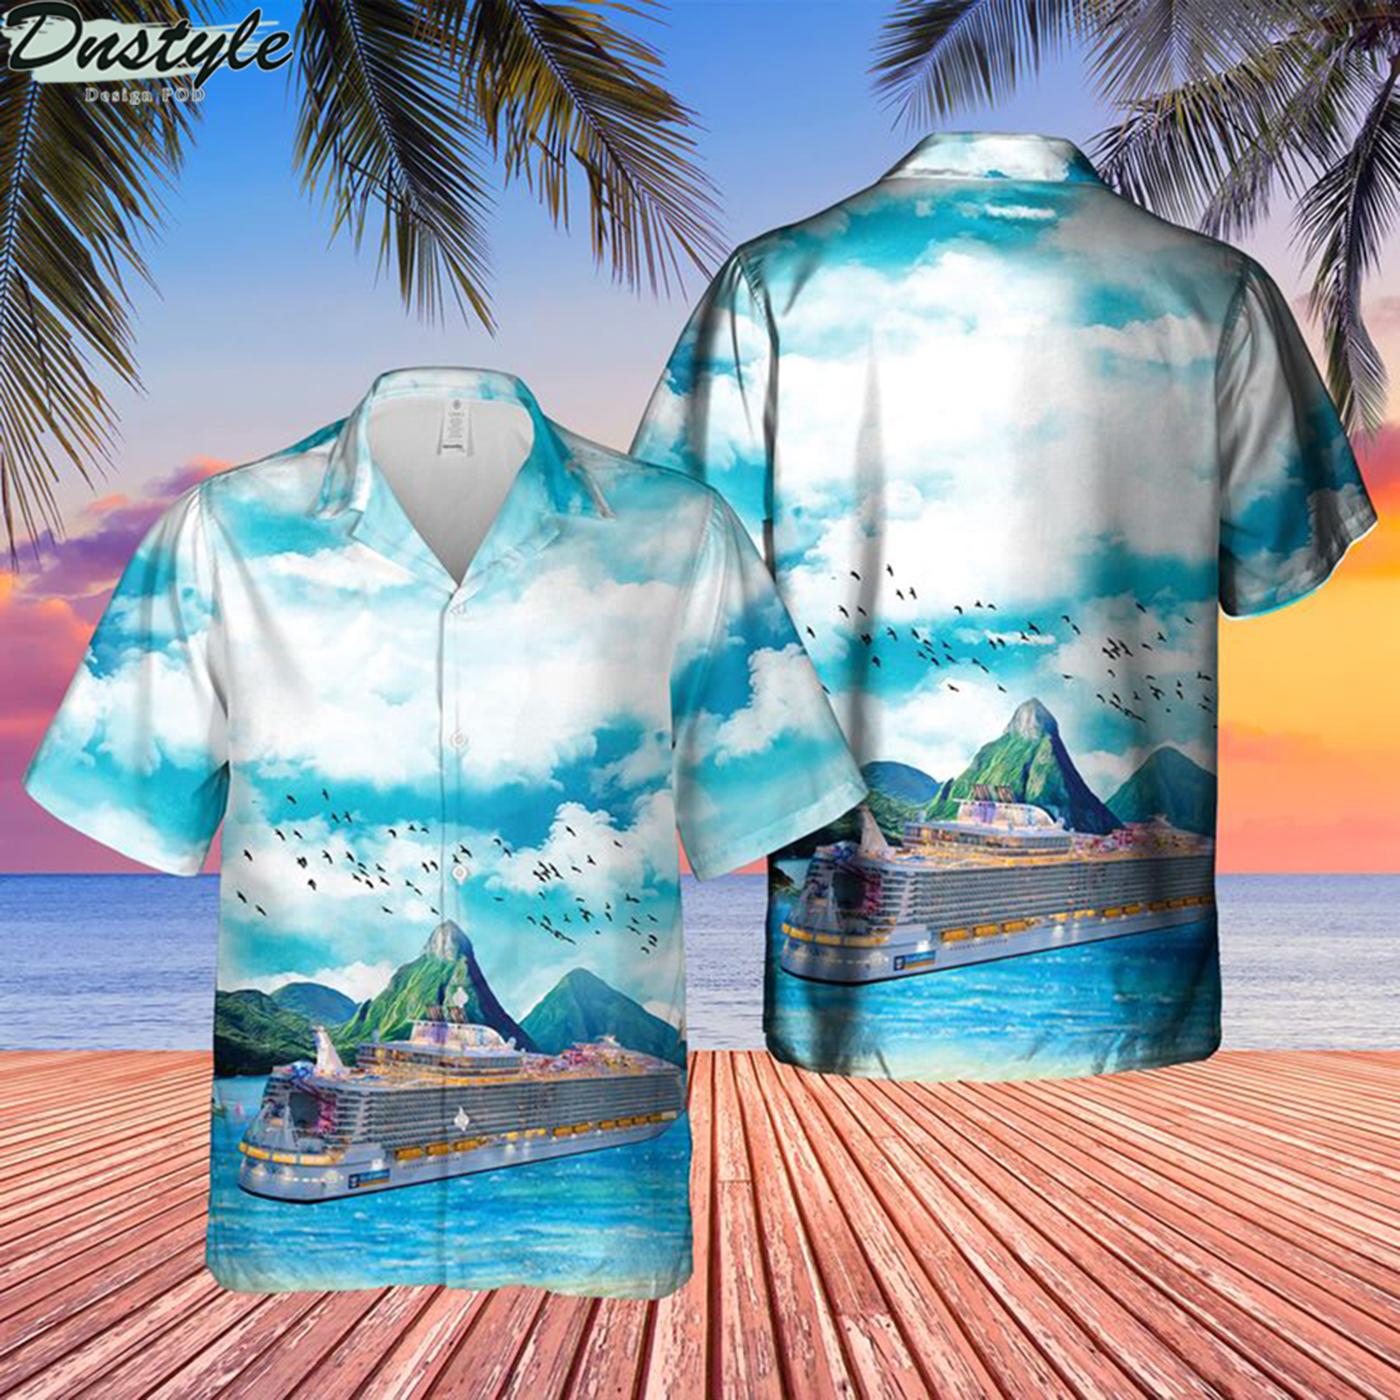 Royal caribbean international symphony of the seas hawaiian shirt 2